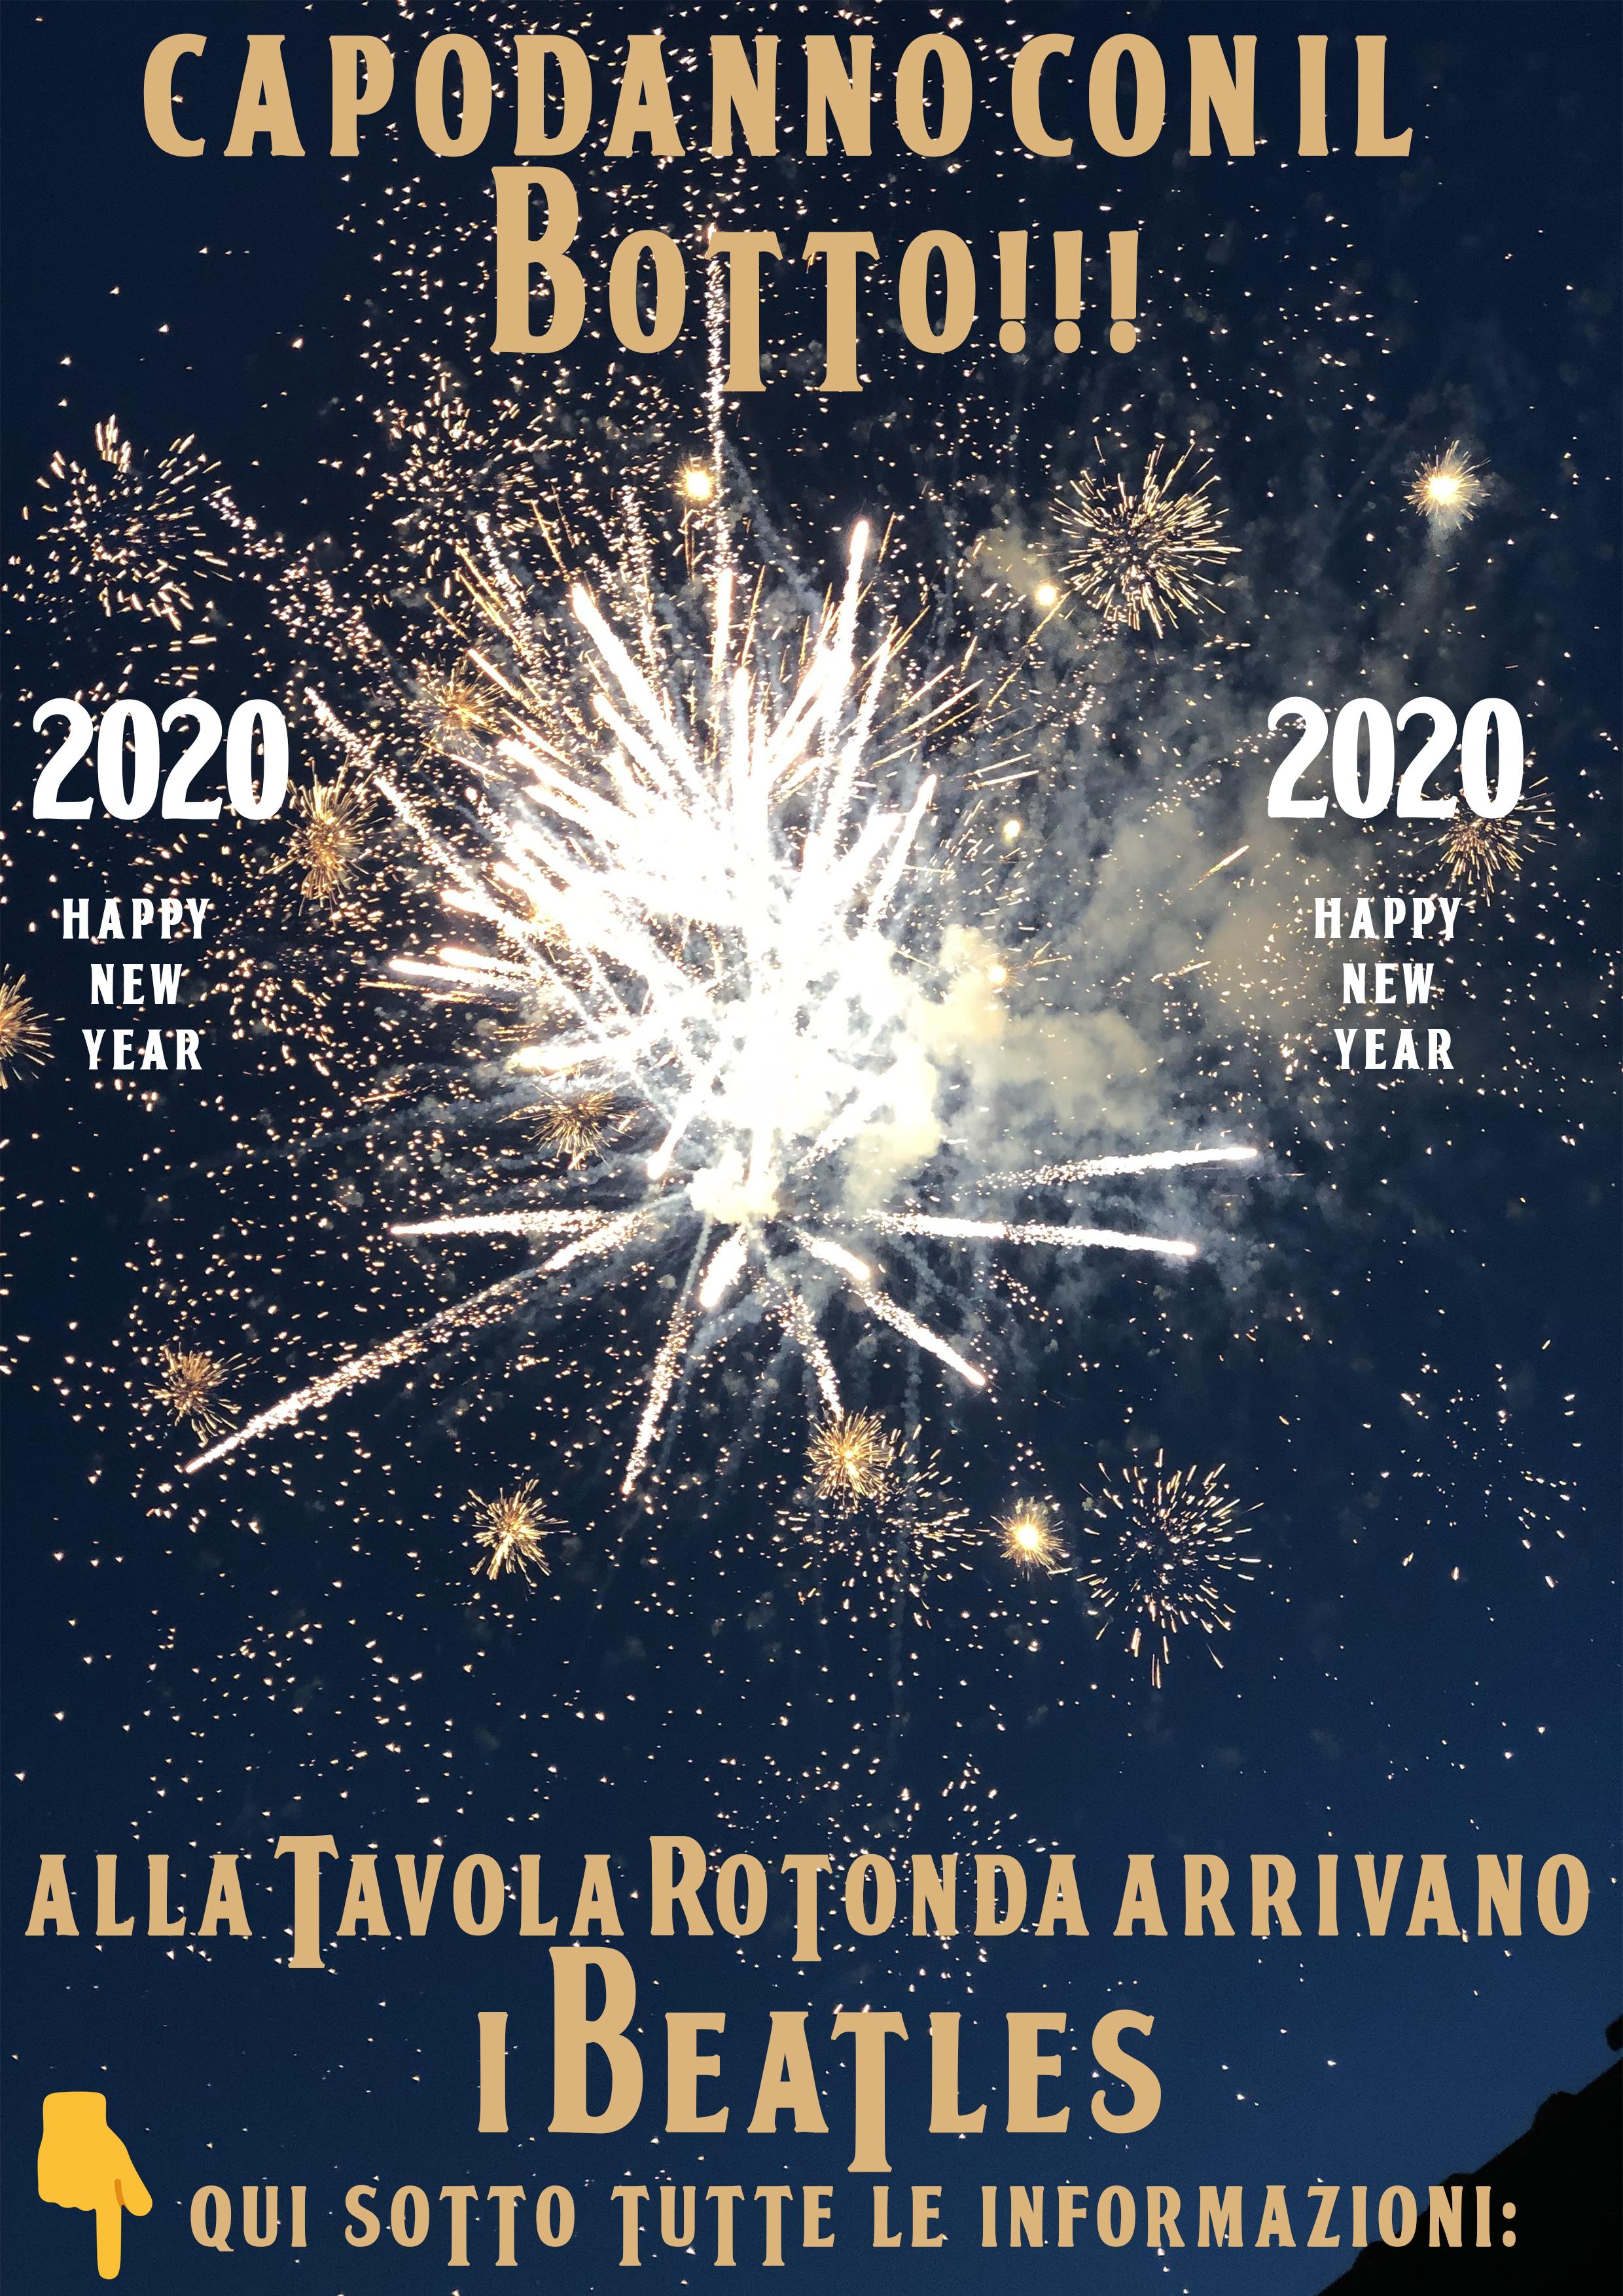 CAPODANNO 2020 CON IL BOTTO!